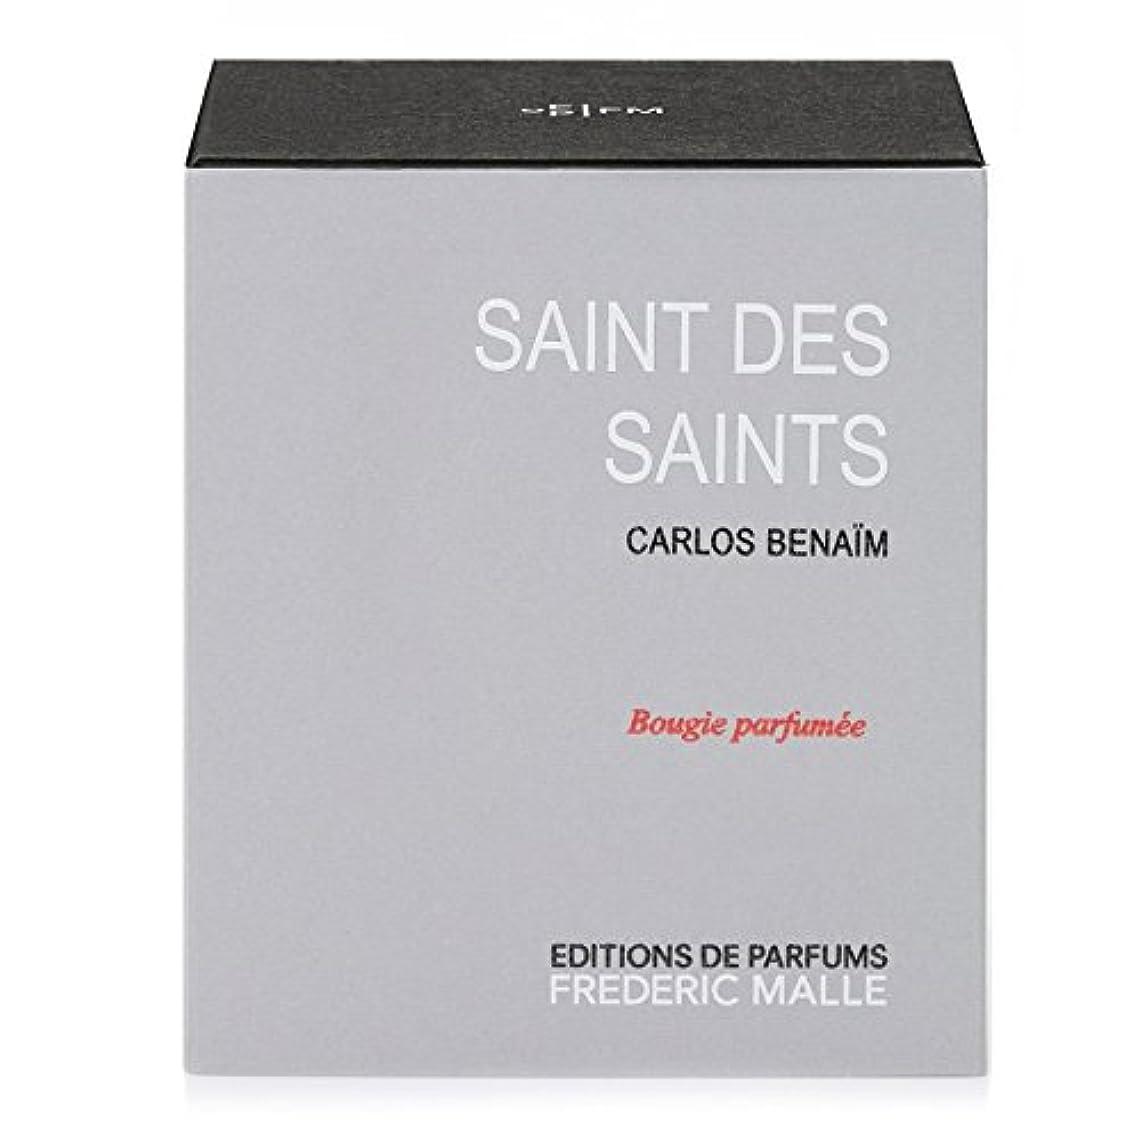 傾斜採用する翻訳者Frederic Malle Saint Des Saints Scented Candle 220g - フレデリック?マル聖人デ聖人の香りのキャンドル220グラム [並行輸入品]